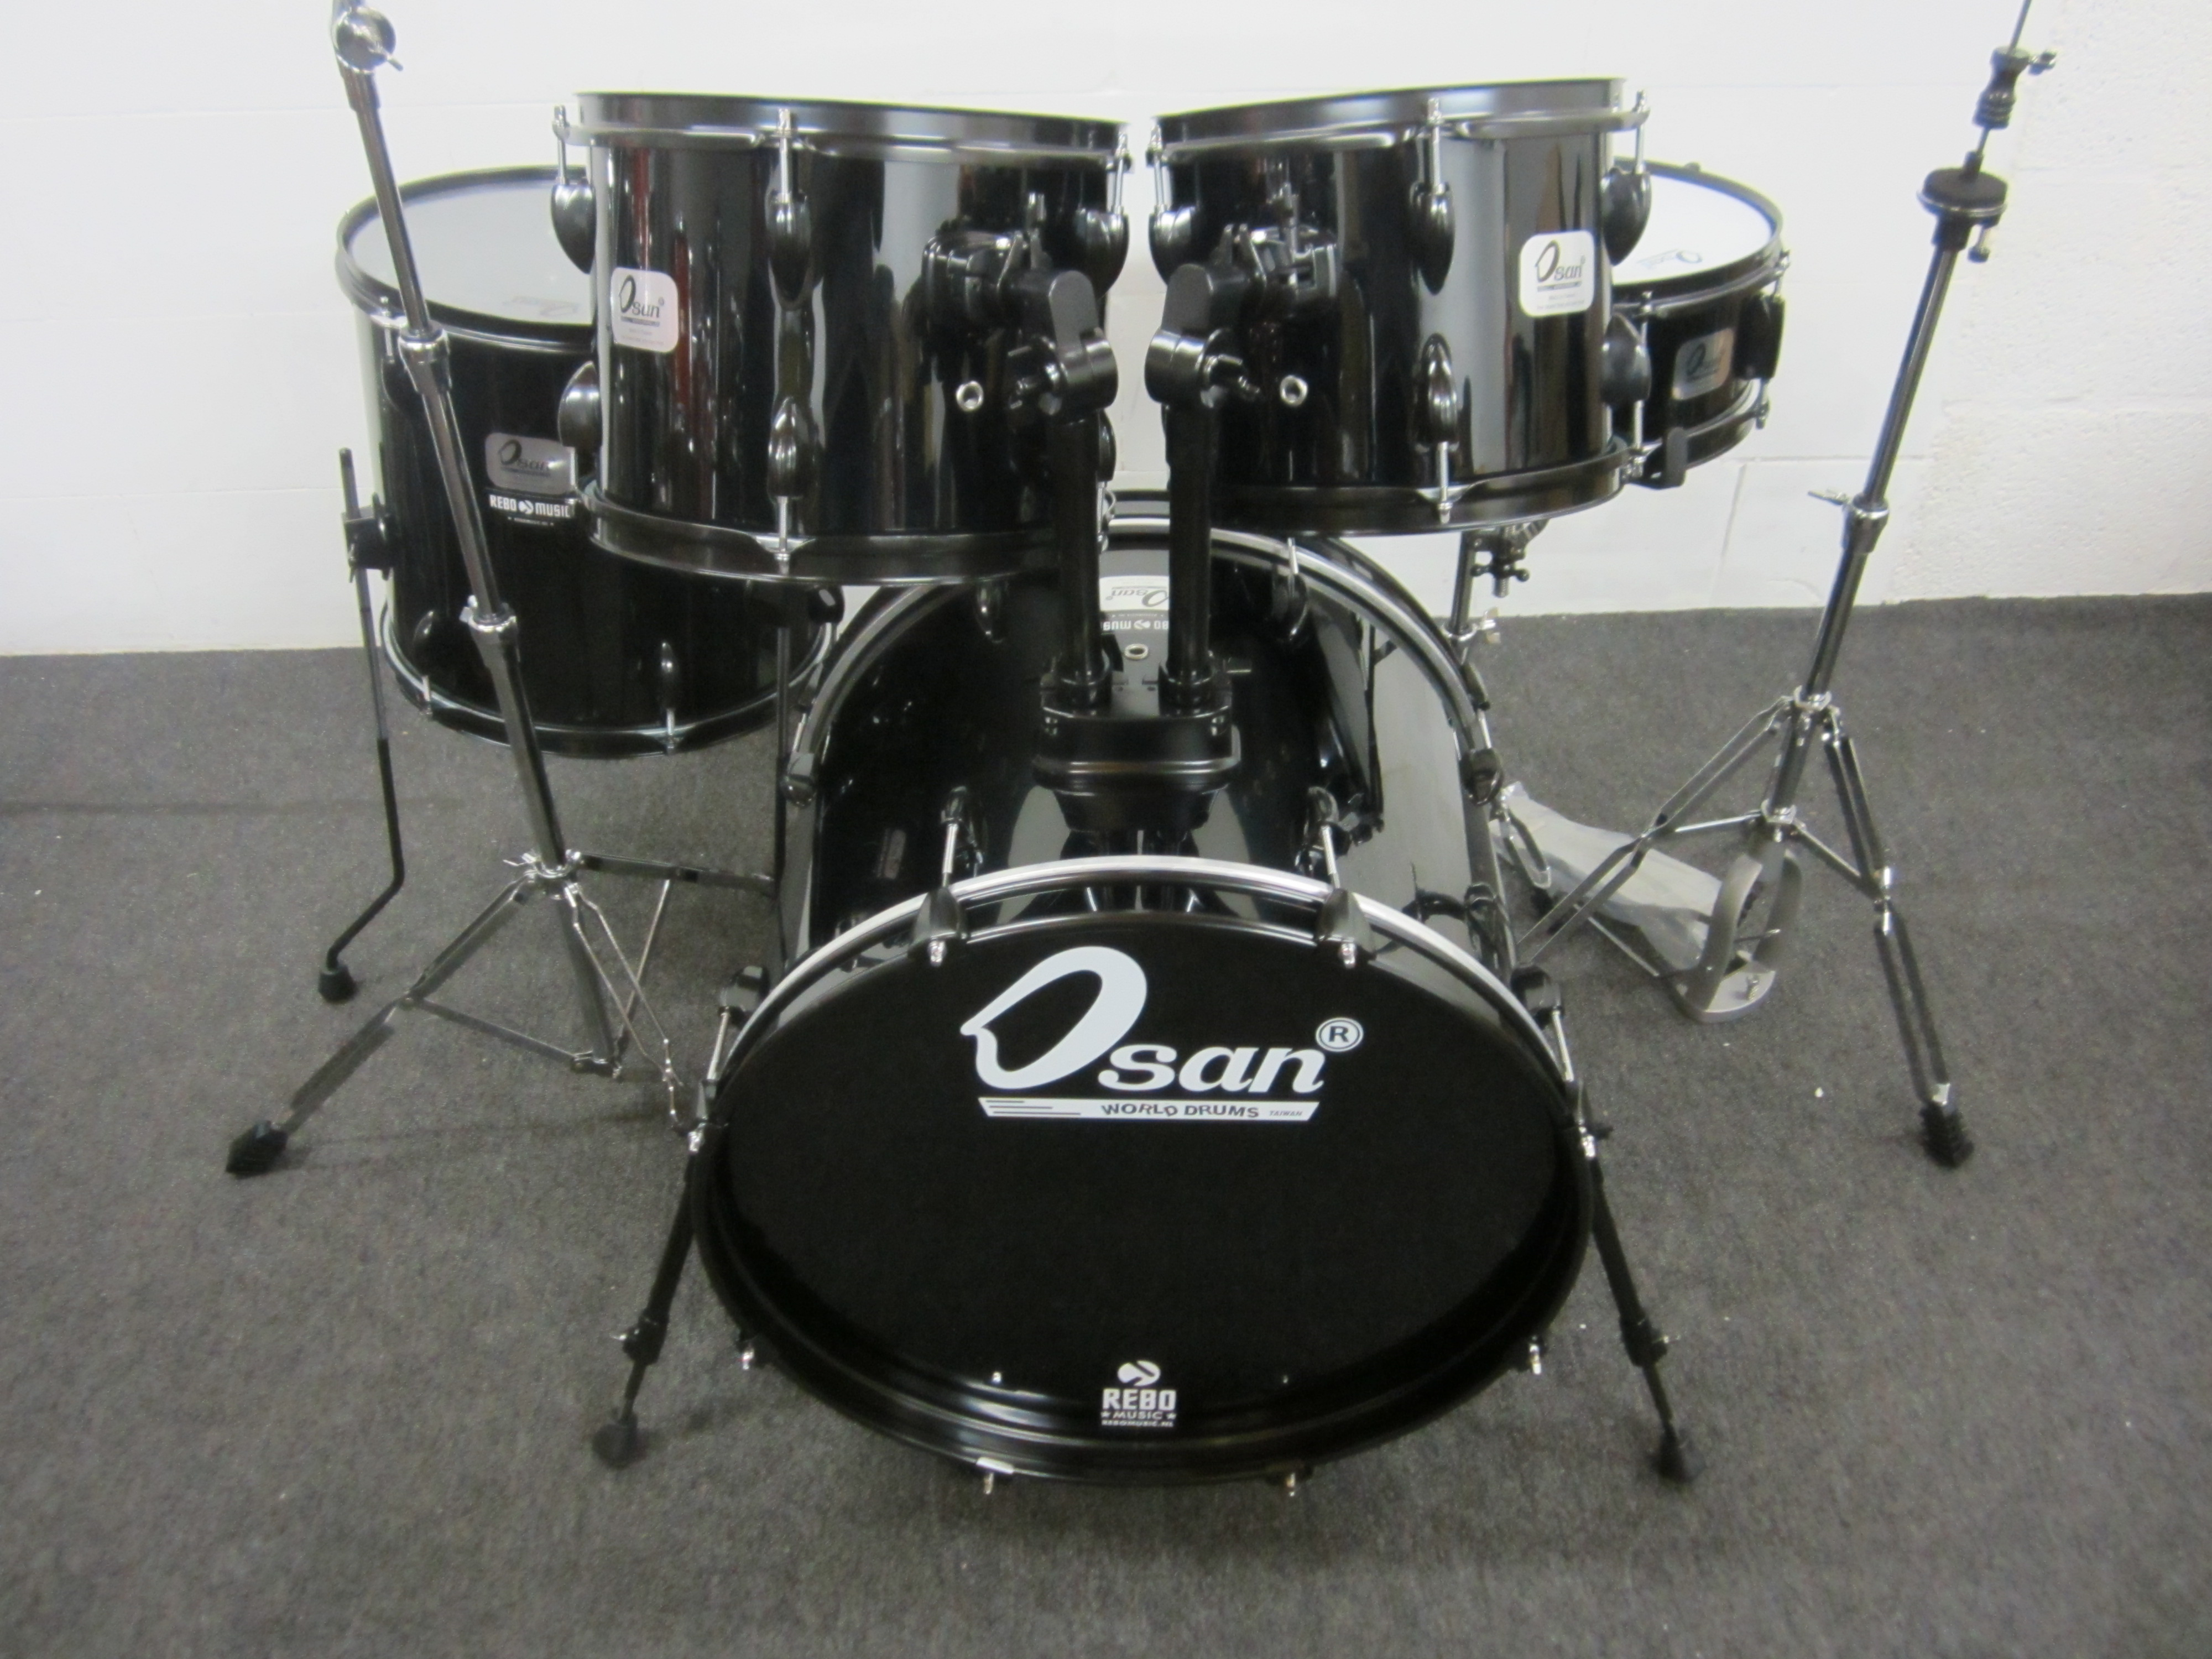 Wonderlijk Osan 2000 Fusion - Rebo Music DZ-57